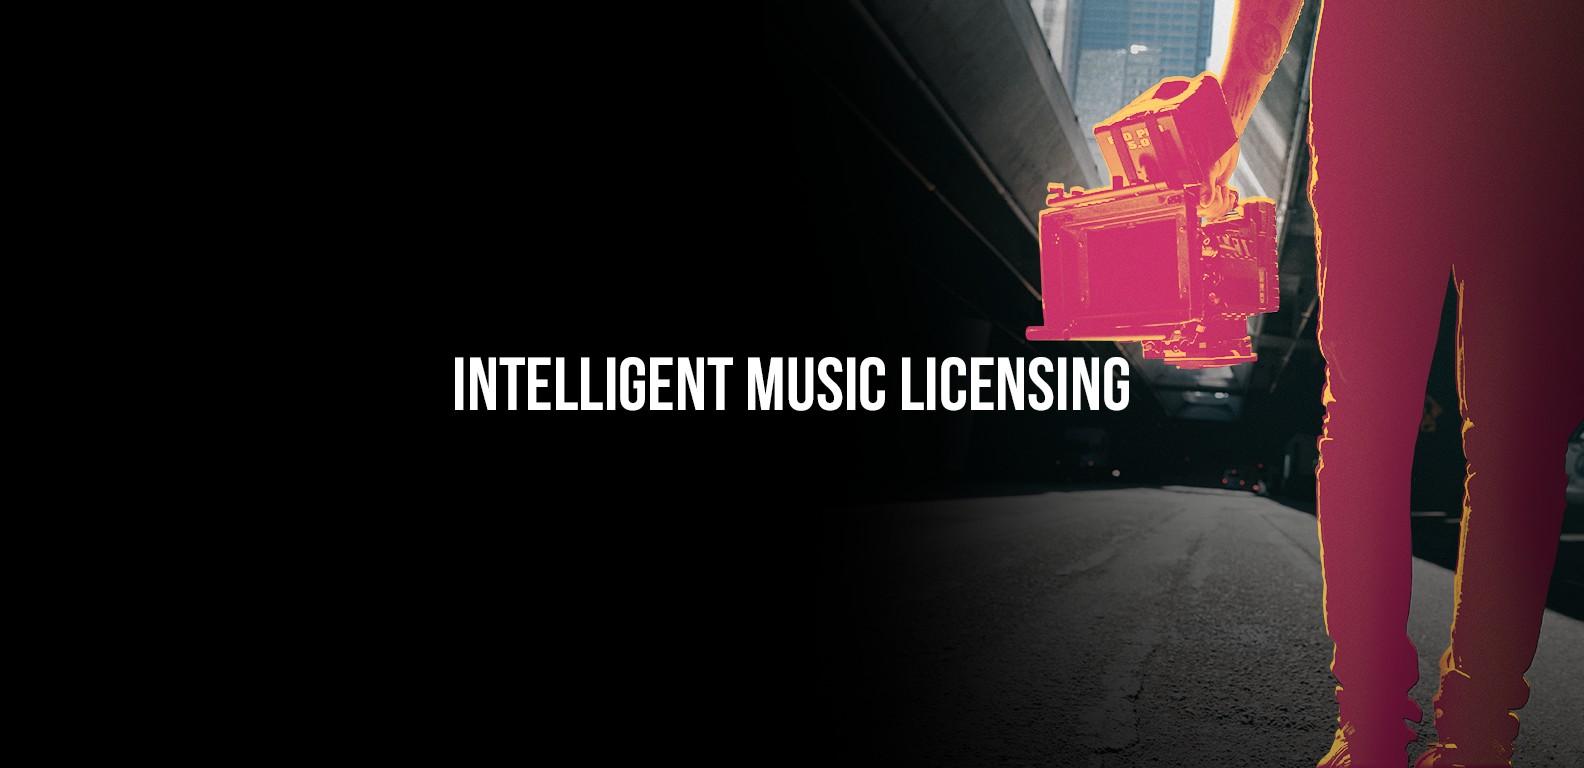 mood media music licesning internship